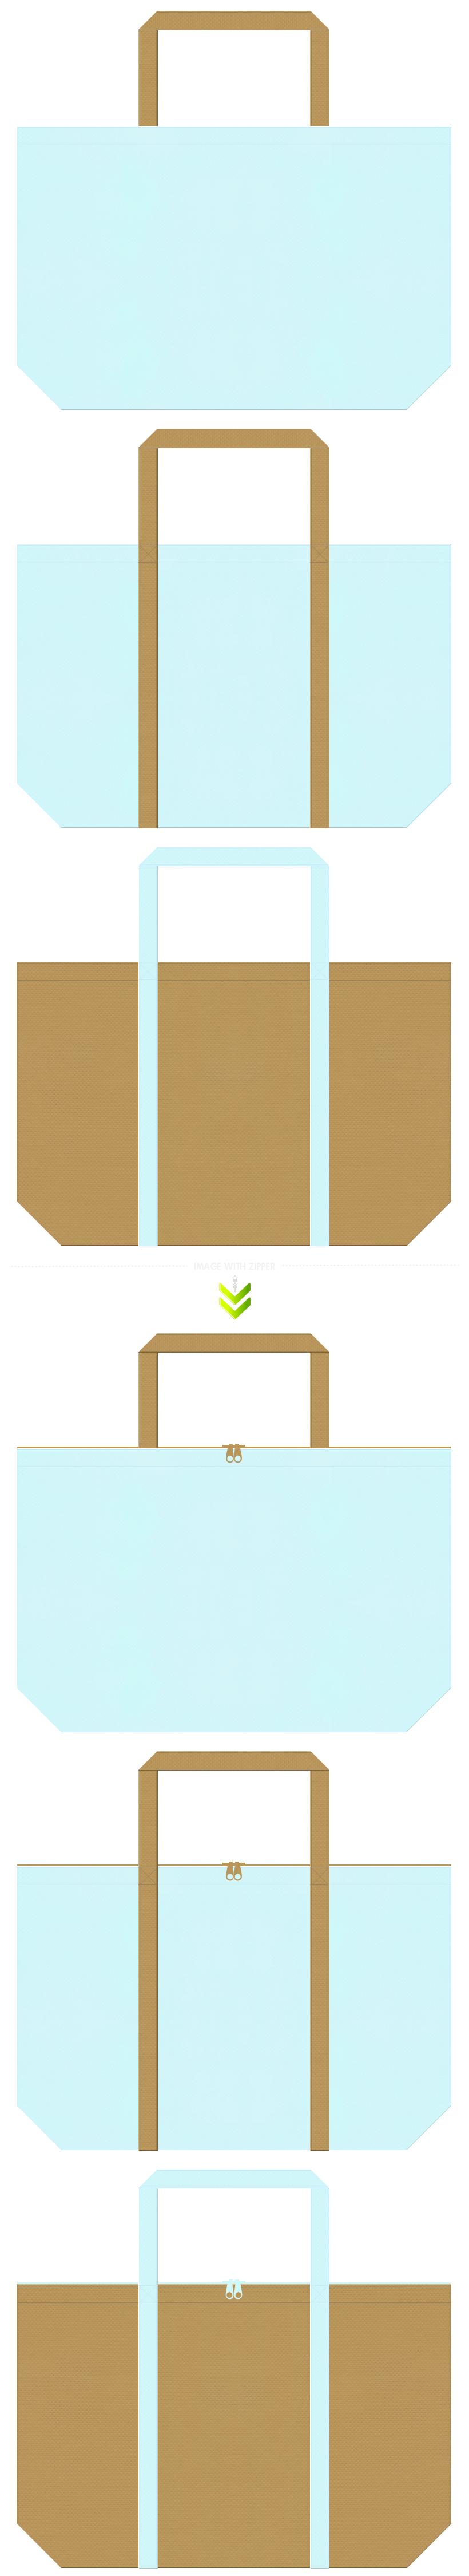 フェミニン・絵本・おとぎ話・ロールプレイングゲーム・ガーリーデザインの不織布ショッピングバッグにお奨め:水色と金黄土色のコーデ